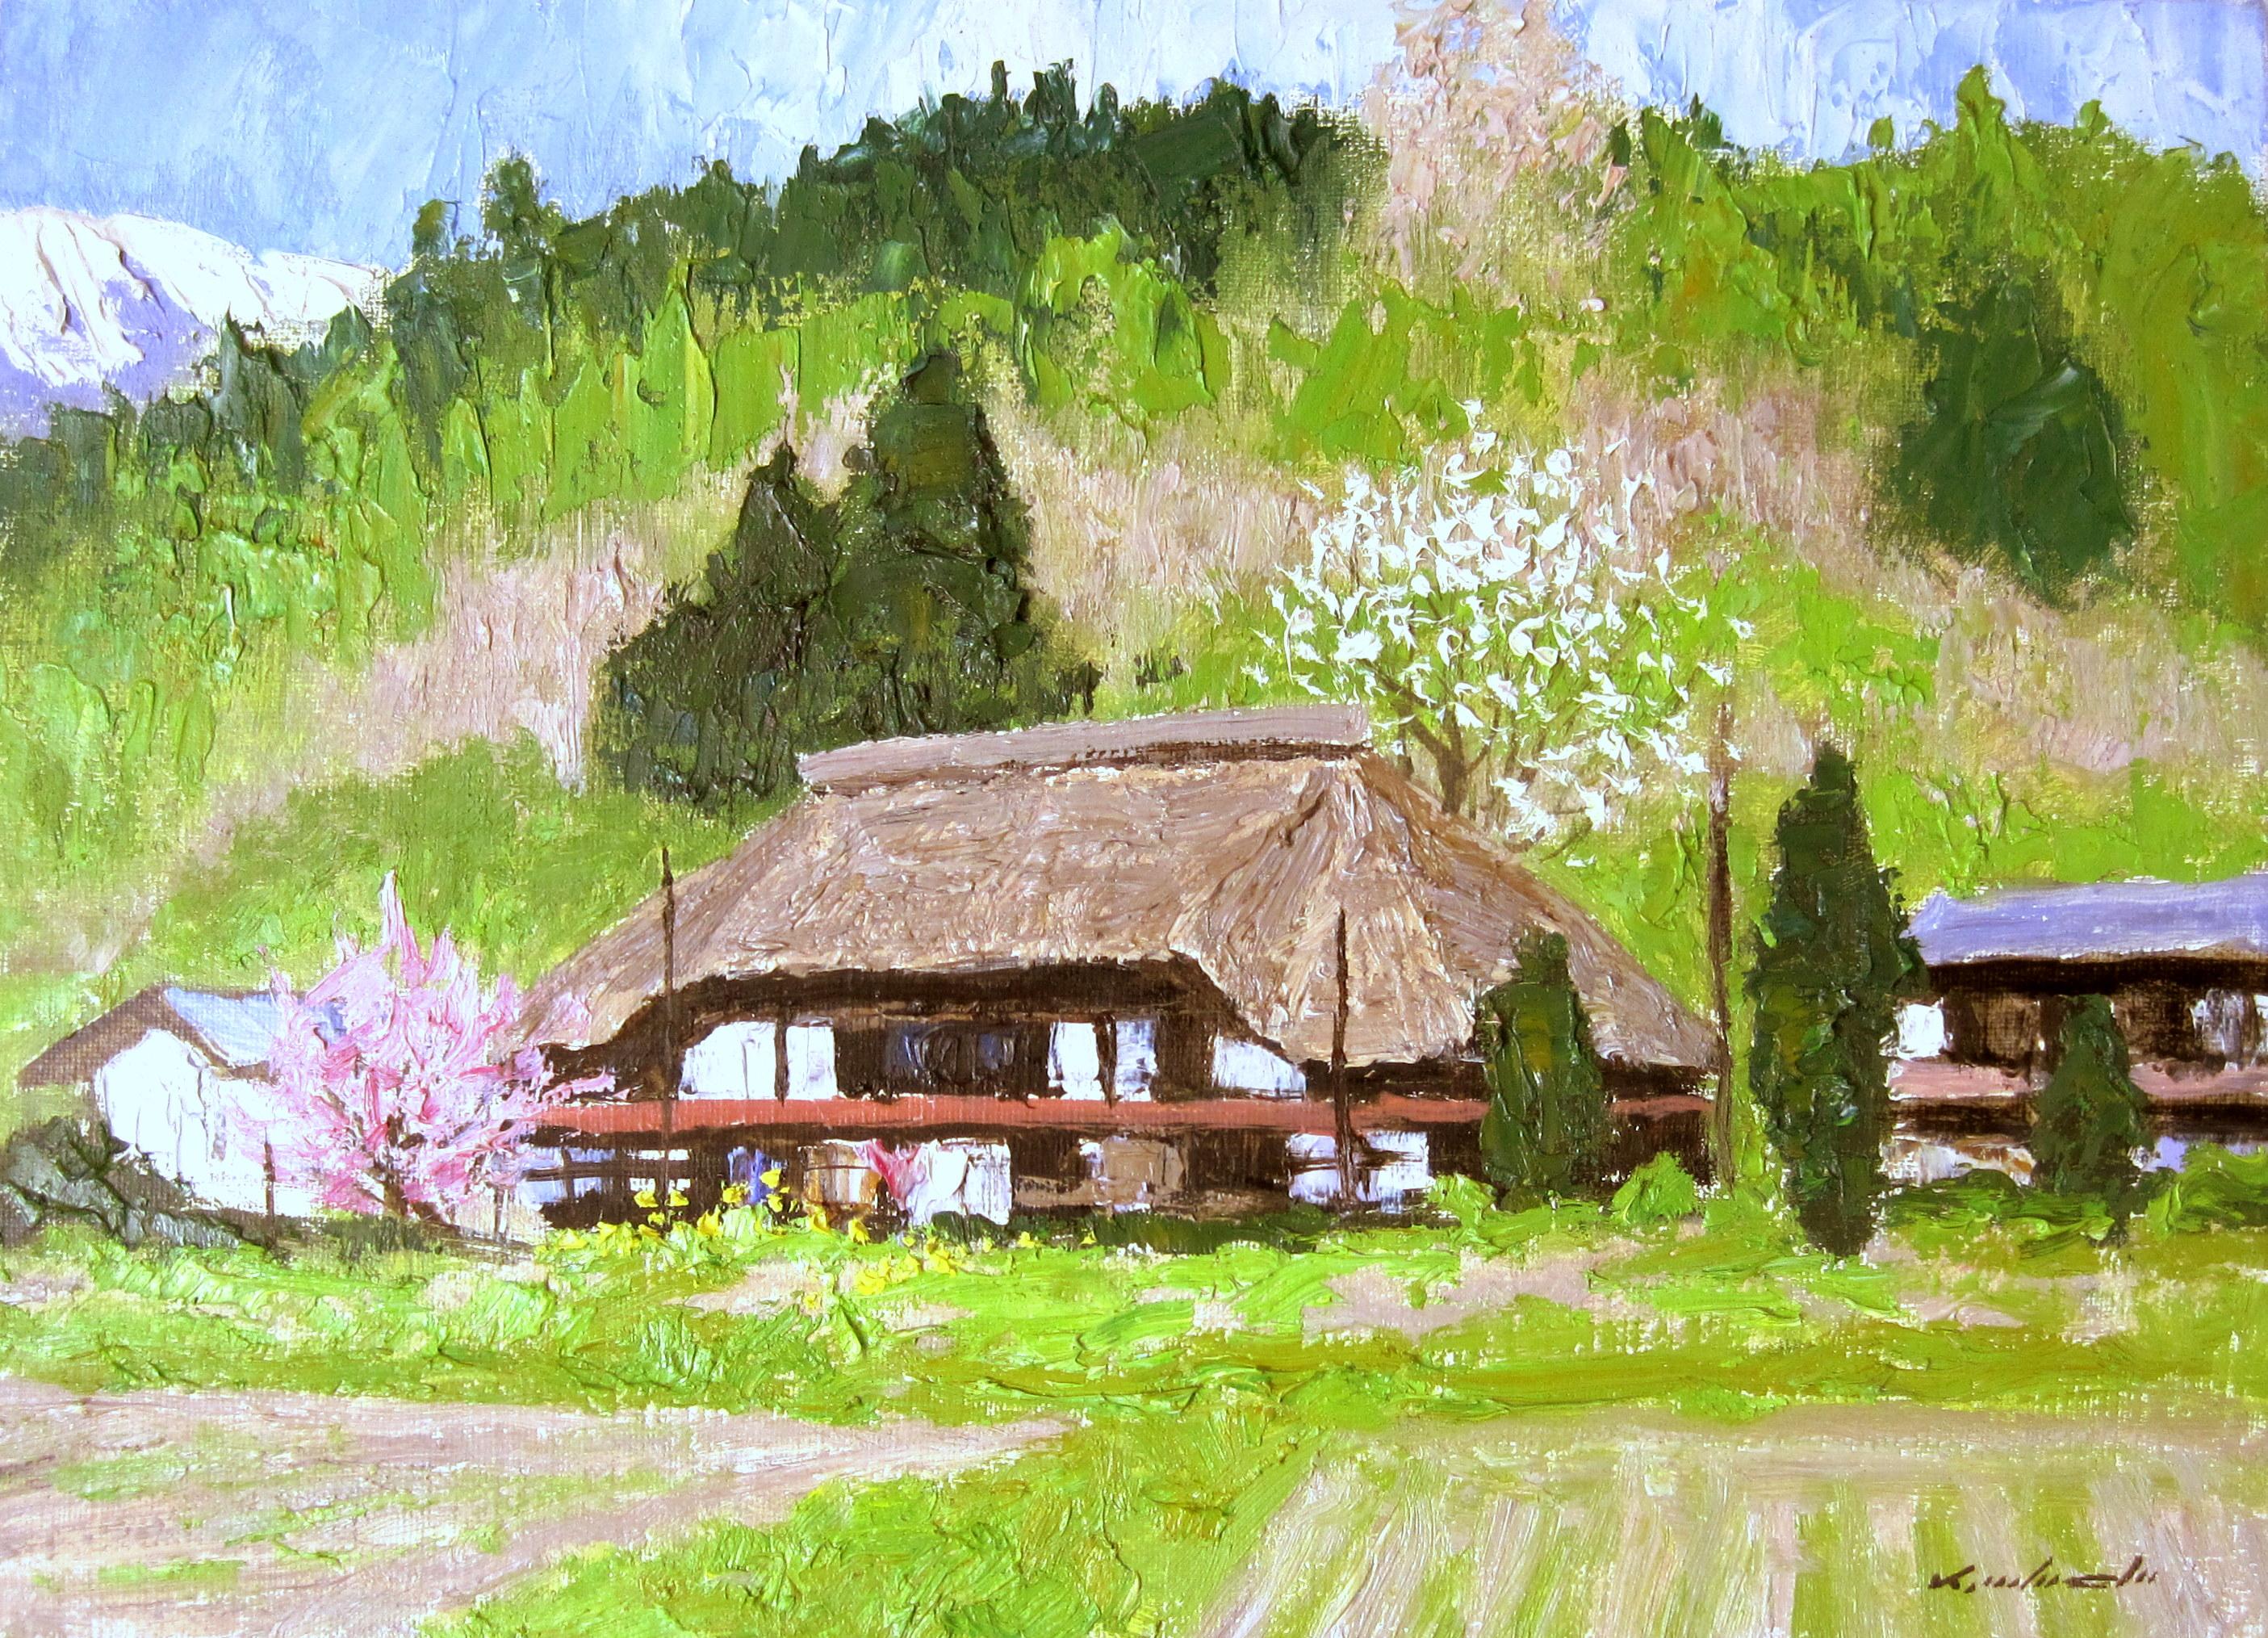 足立一夫「農家の陽春」油彩 F4・額寸555×463mm